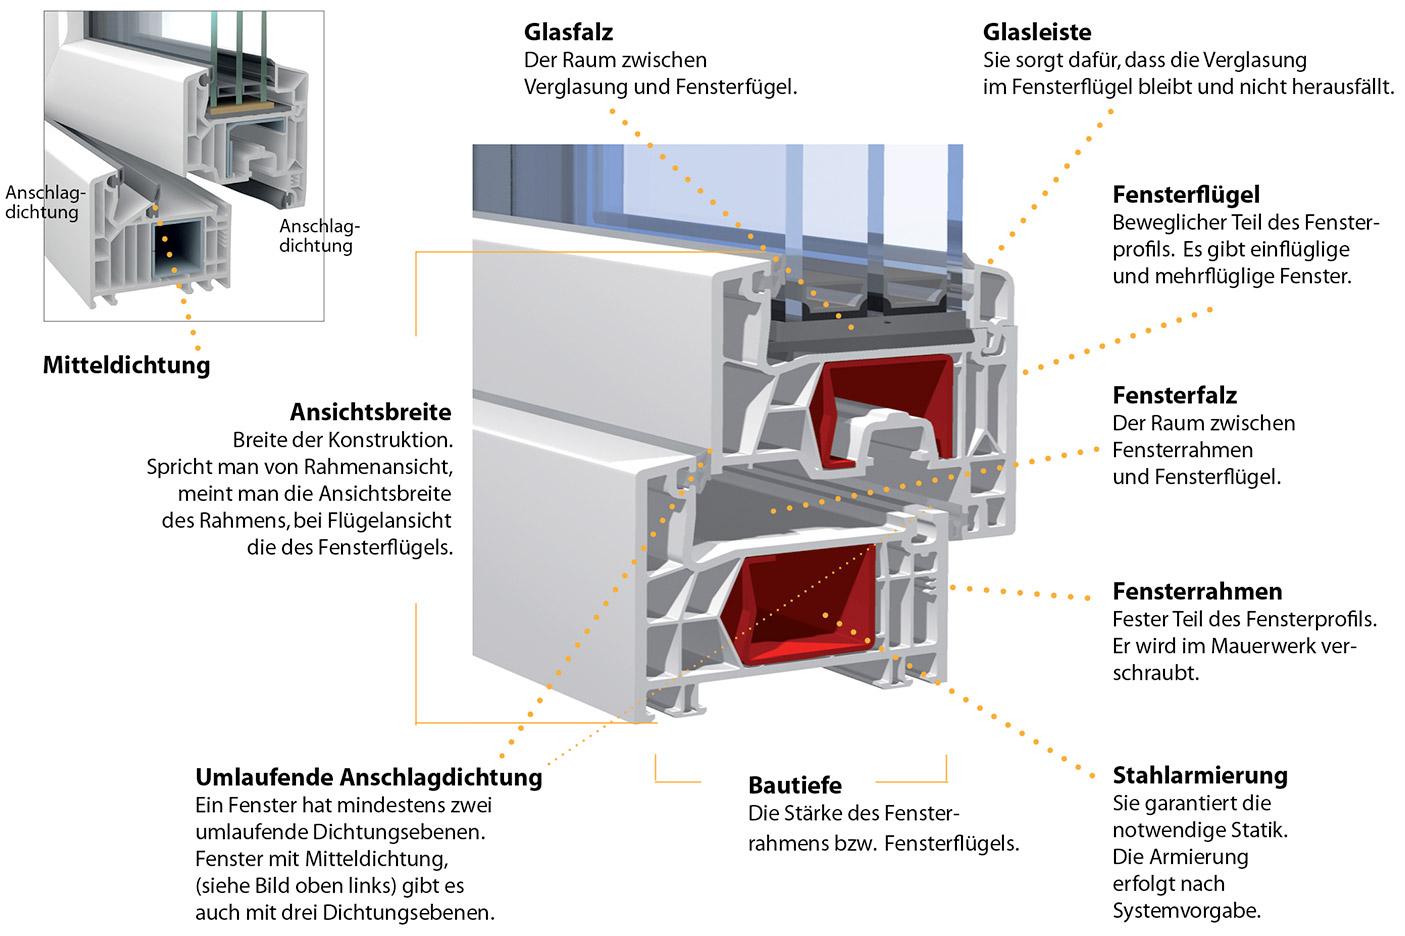 Favorit Fensterratgeber: Informationen von Ihrem Fachhändler in Menden HX02